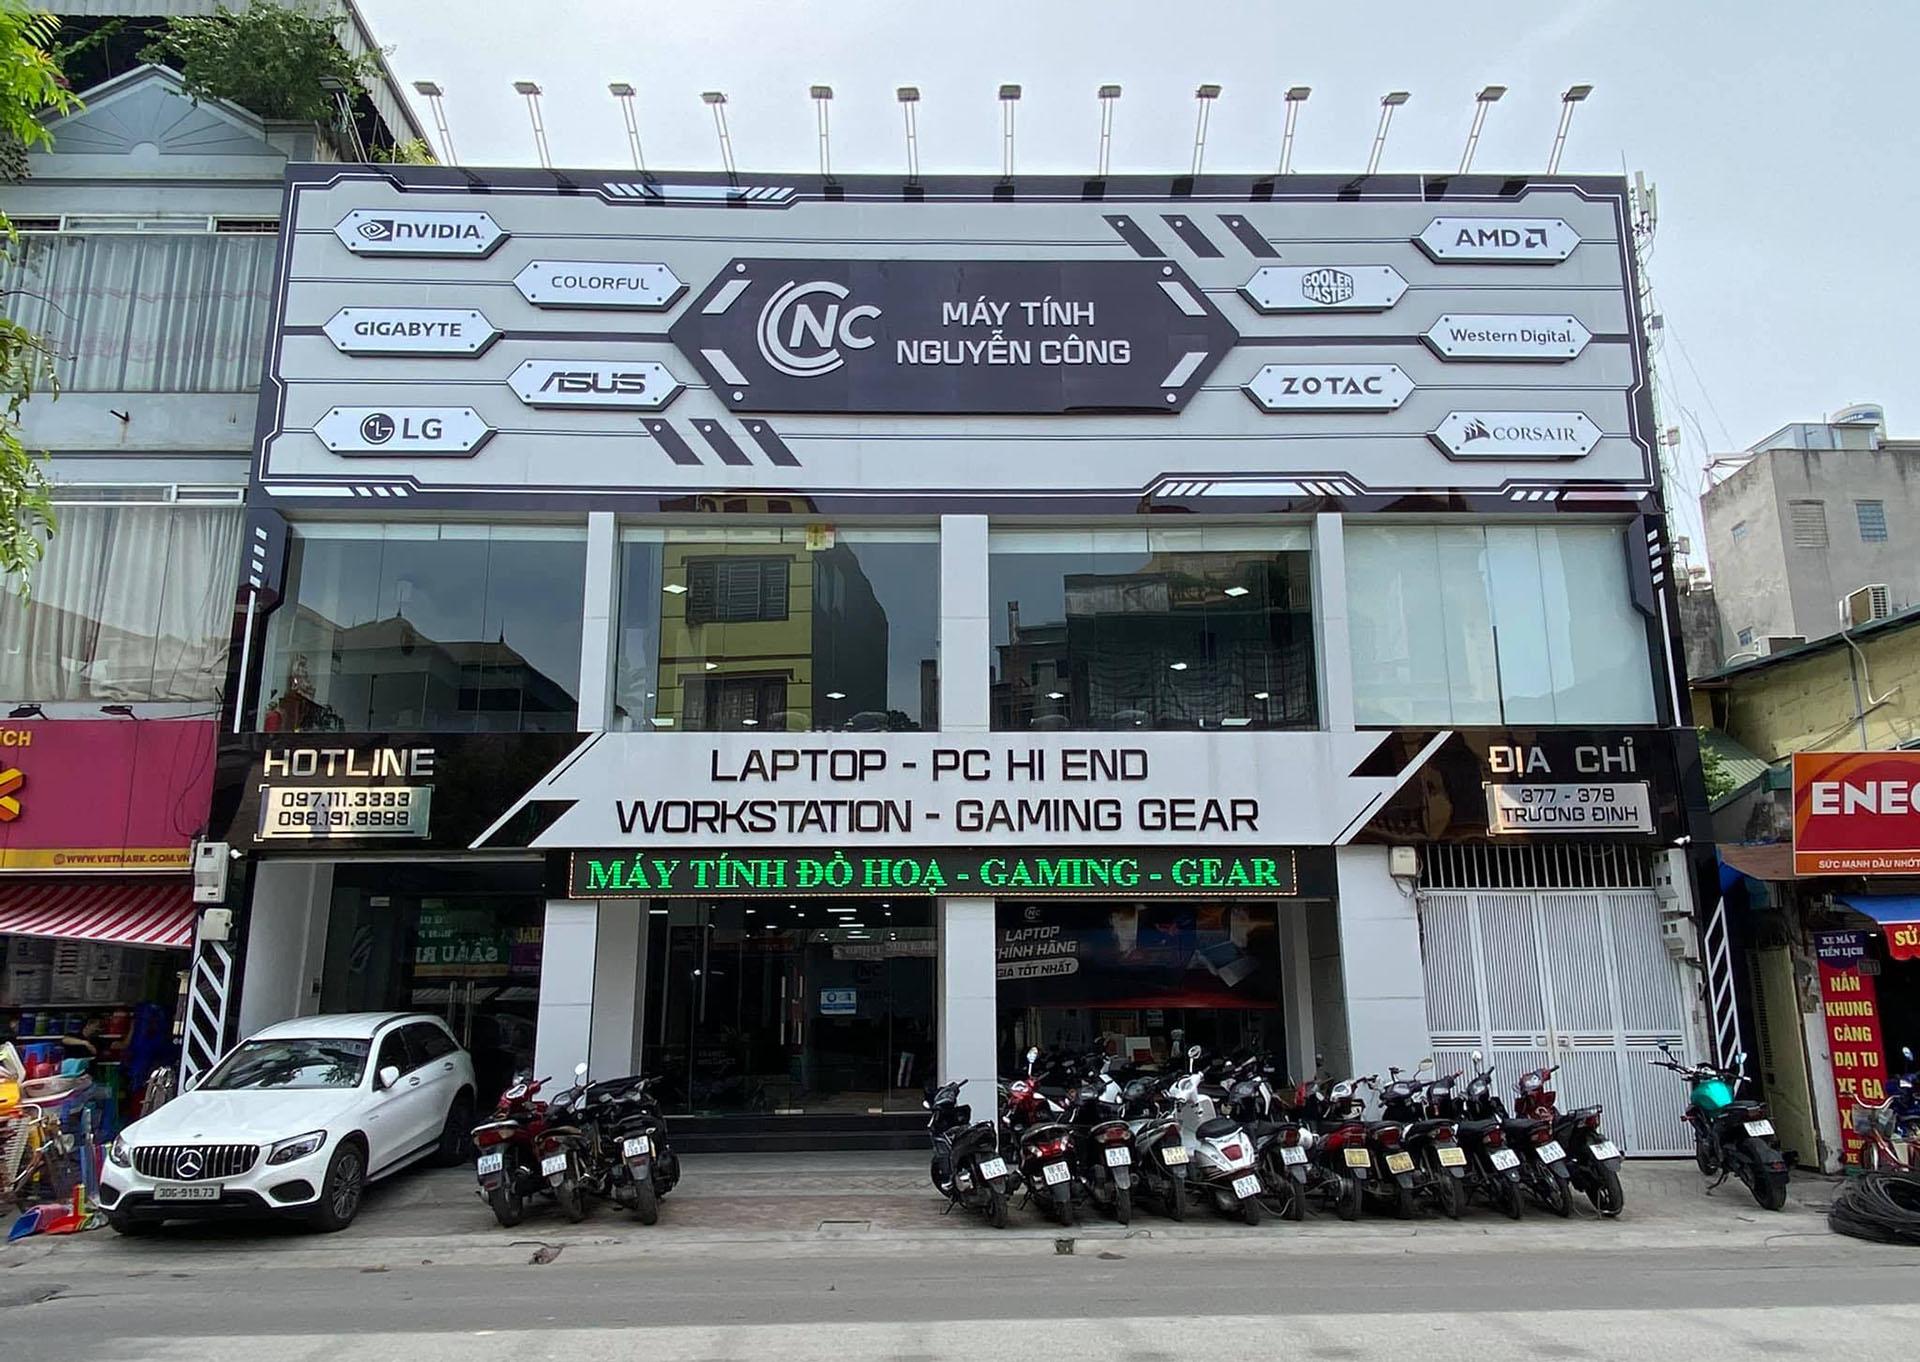 NguyencongPc Show Room